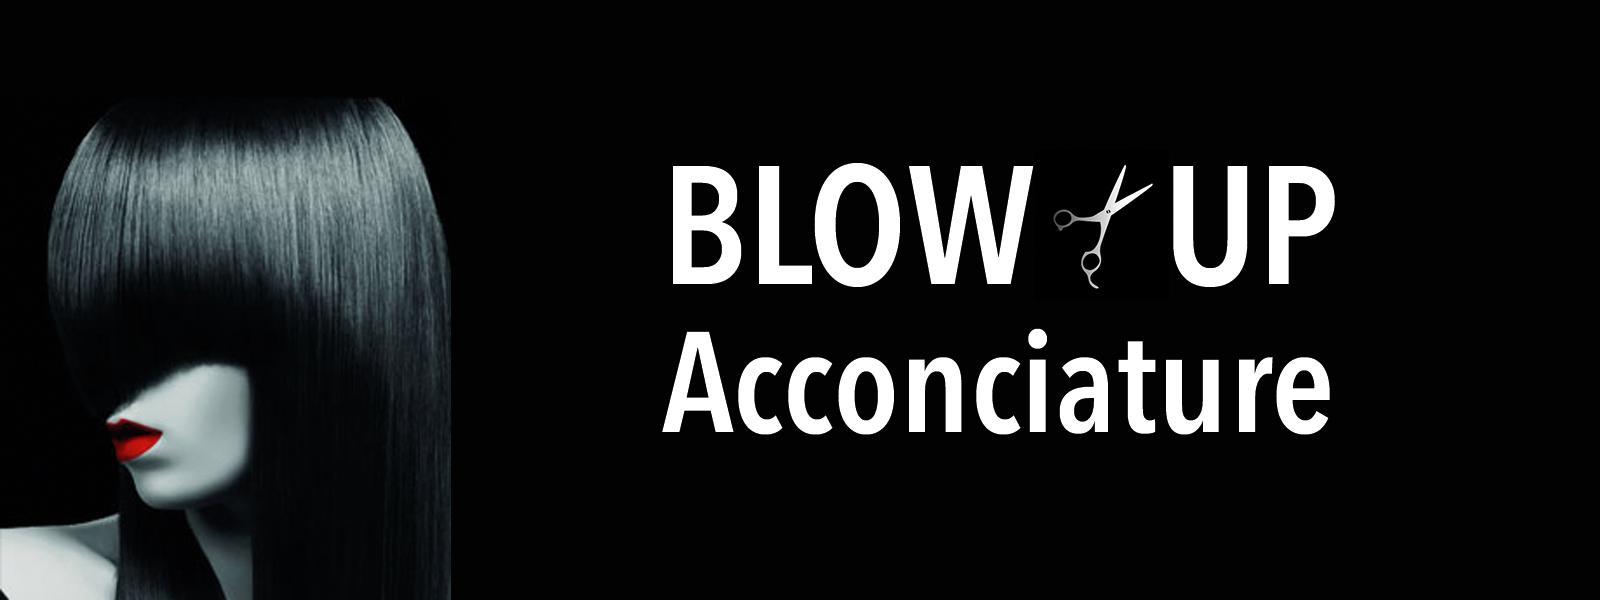 Blow Up Acconciature Benessere Estetica Vetrinando Arezzo